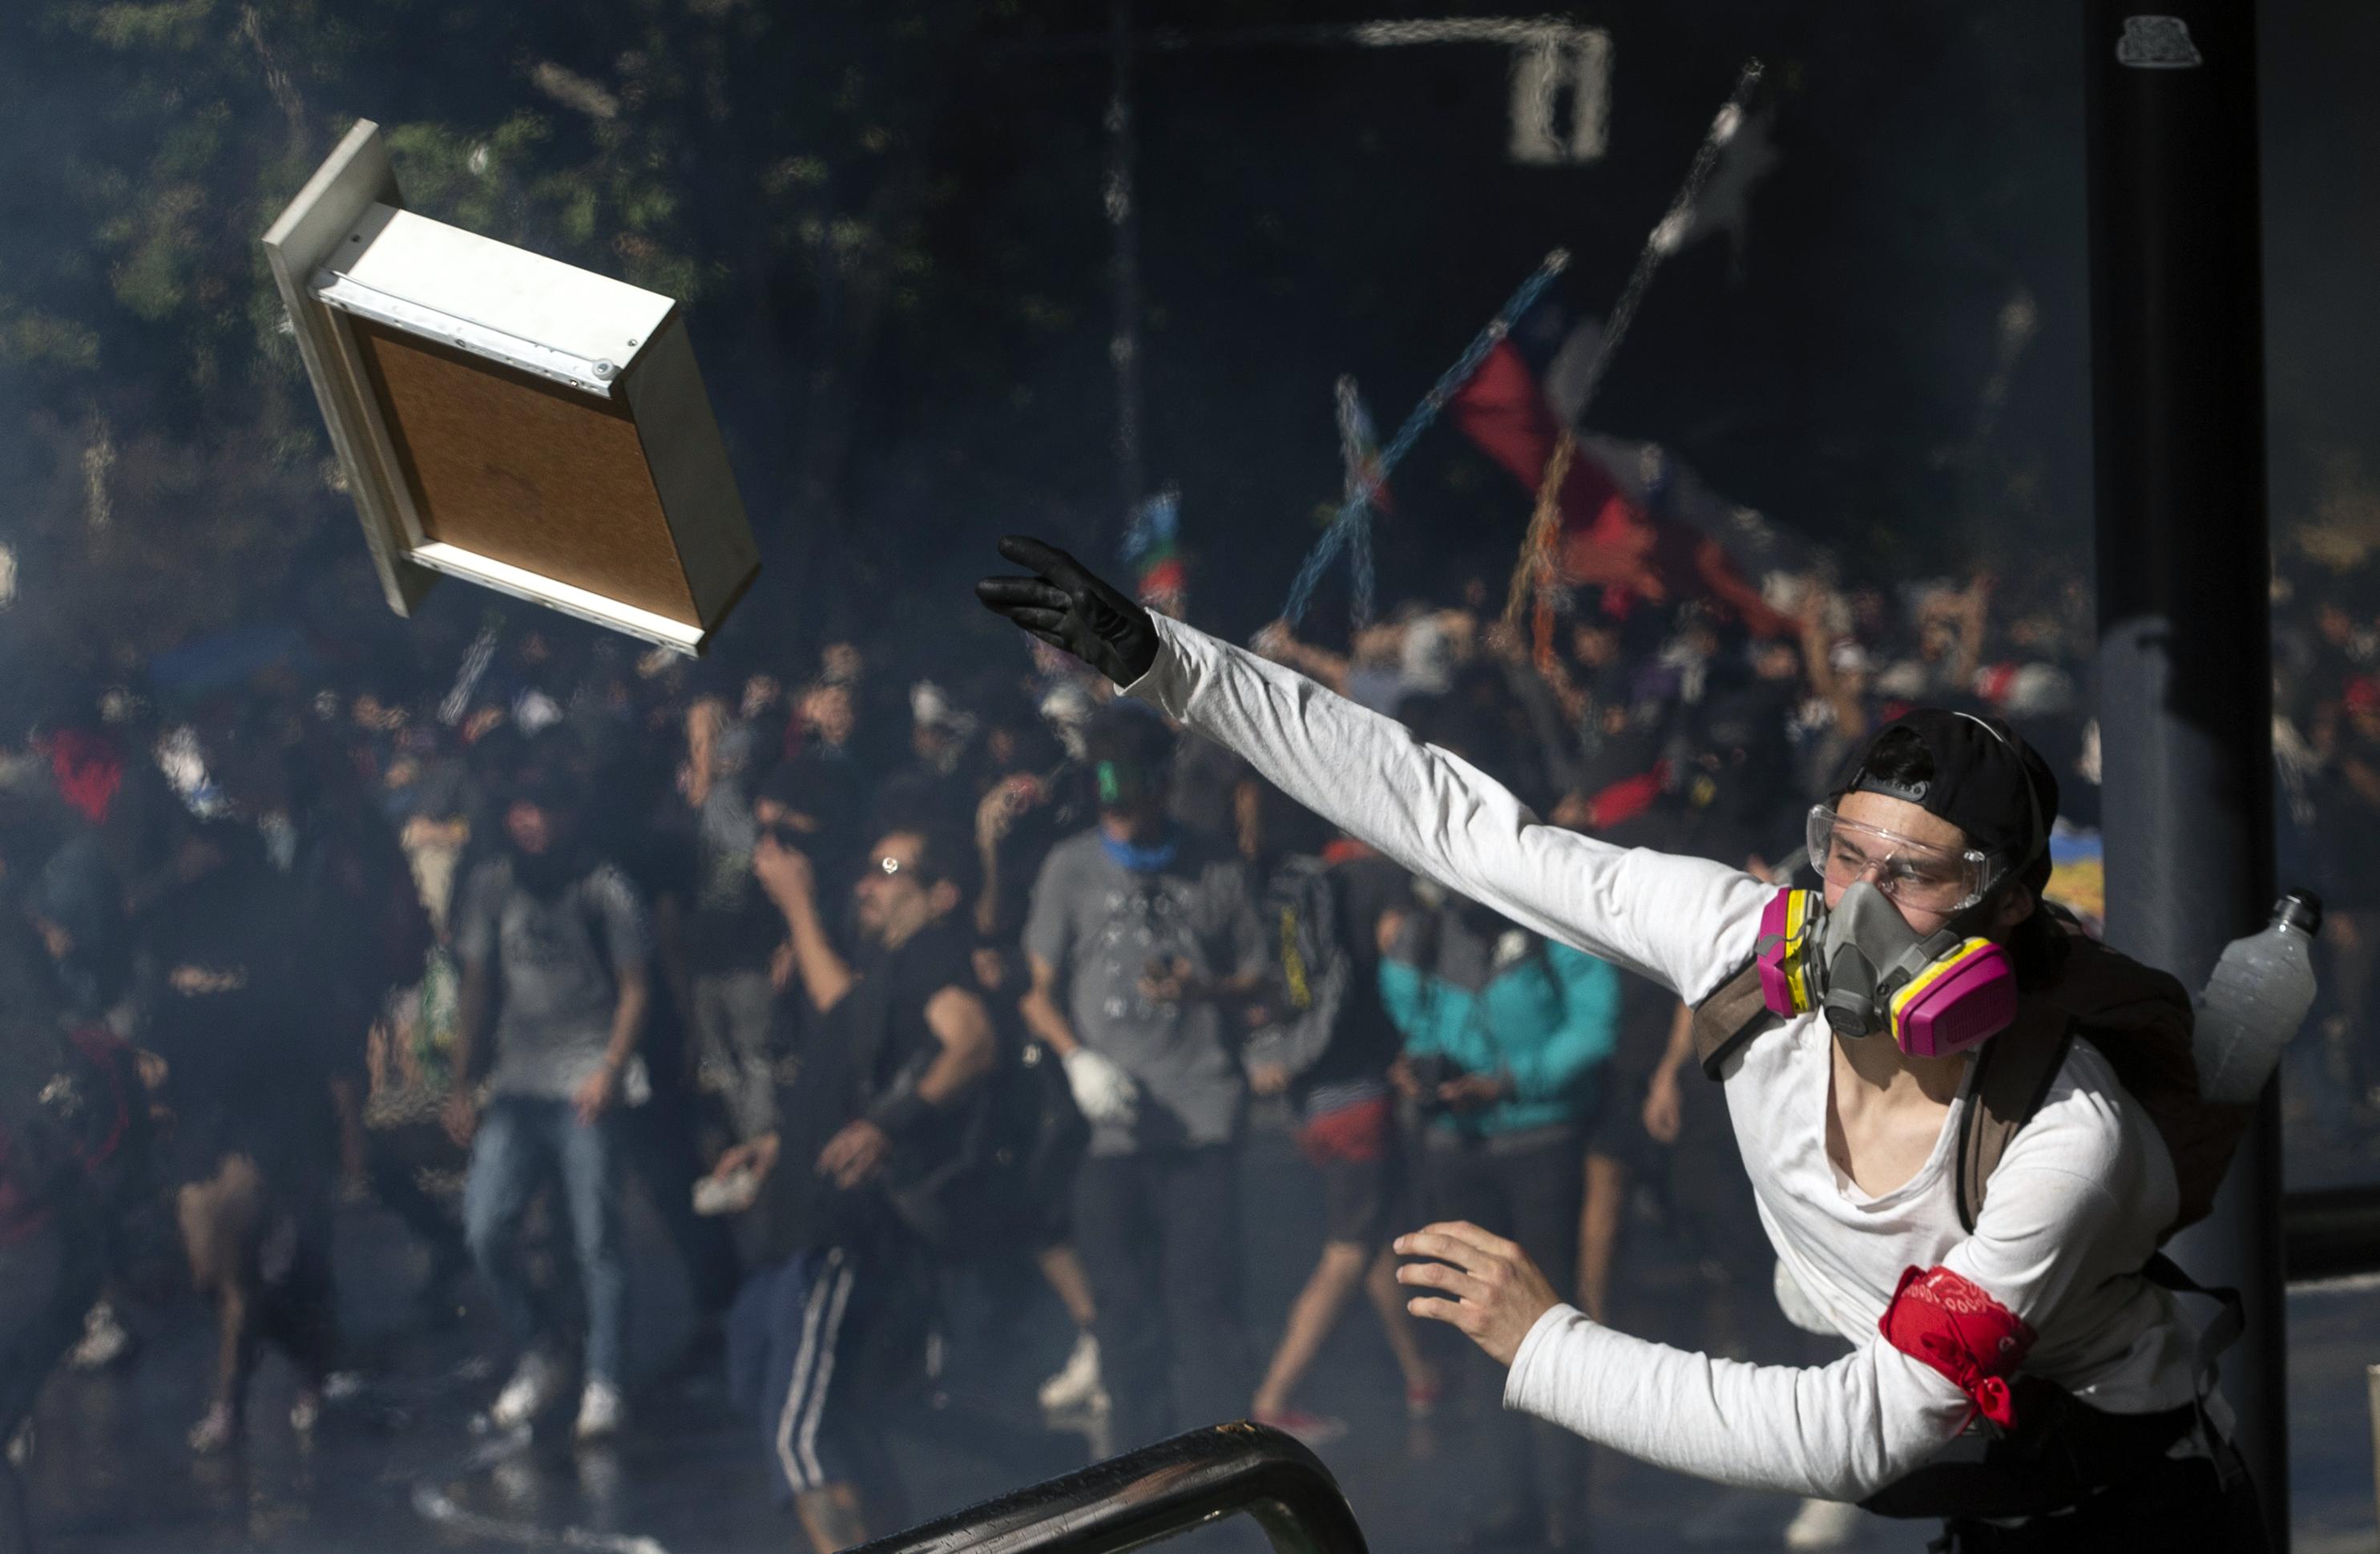 Elemi erővel törtek felszínre a chilei gazdasági siker mögötti brutális egyenlőtlenségek